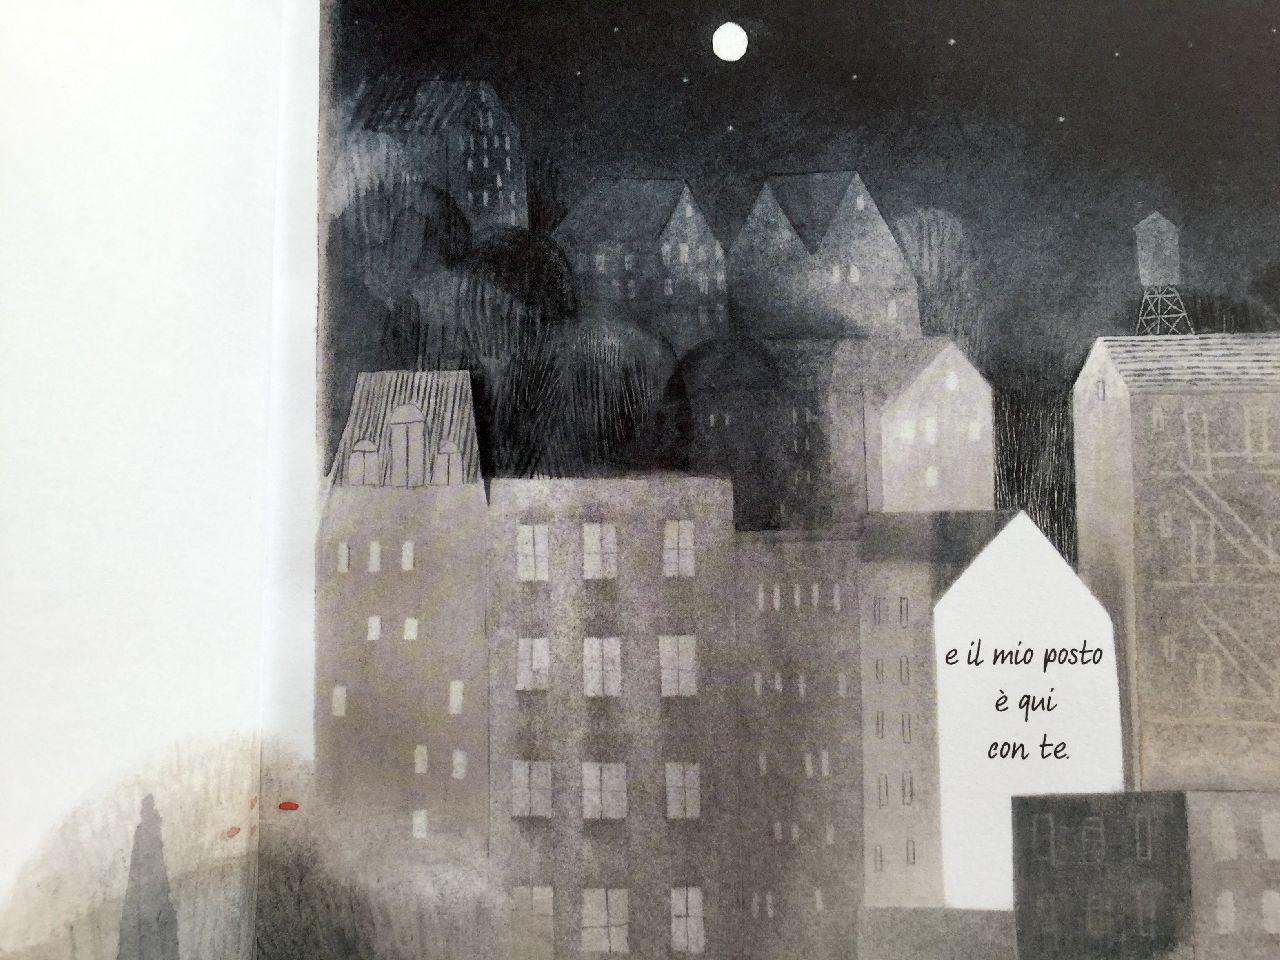 M.H. Clark - Isabelle Arsenault, Qui con te, Terredimezzo